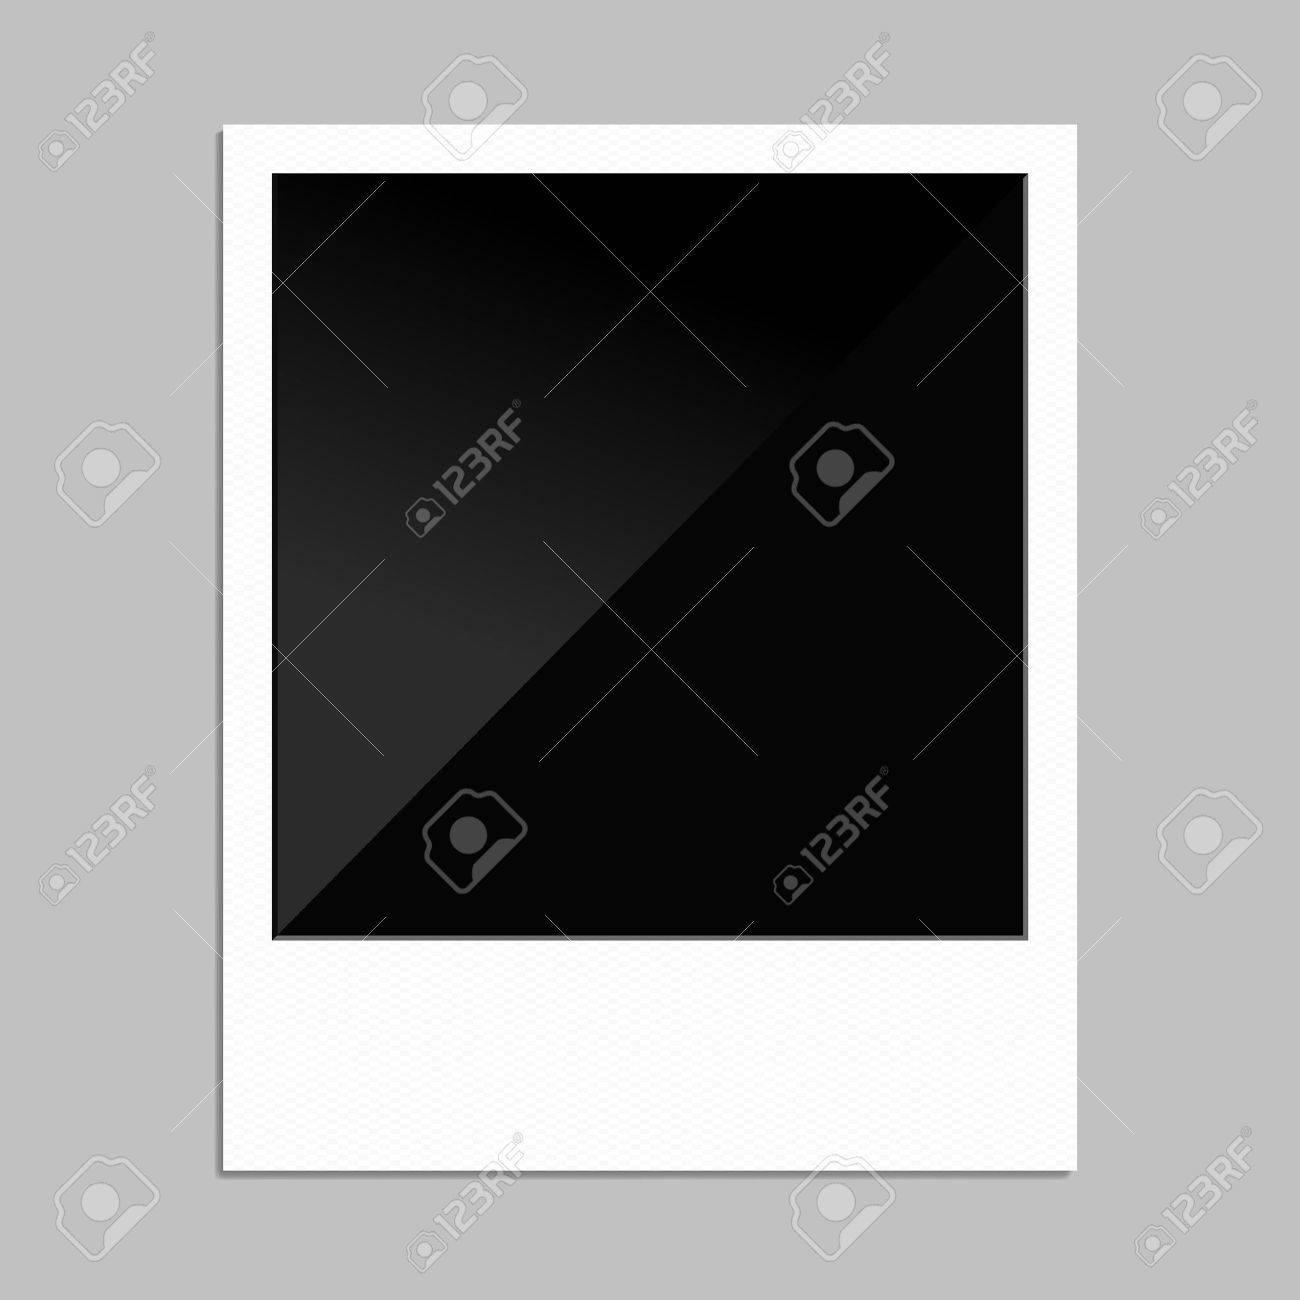 Blank Polaroid Bilderrahmen Für Ihre Entwürfe. Lizenzfrei Nutzbare ...